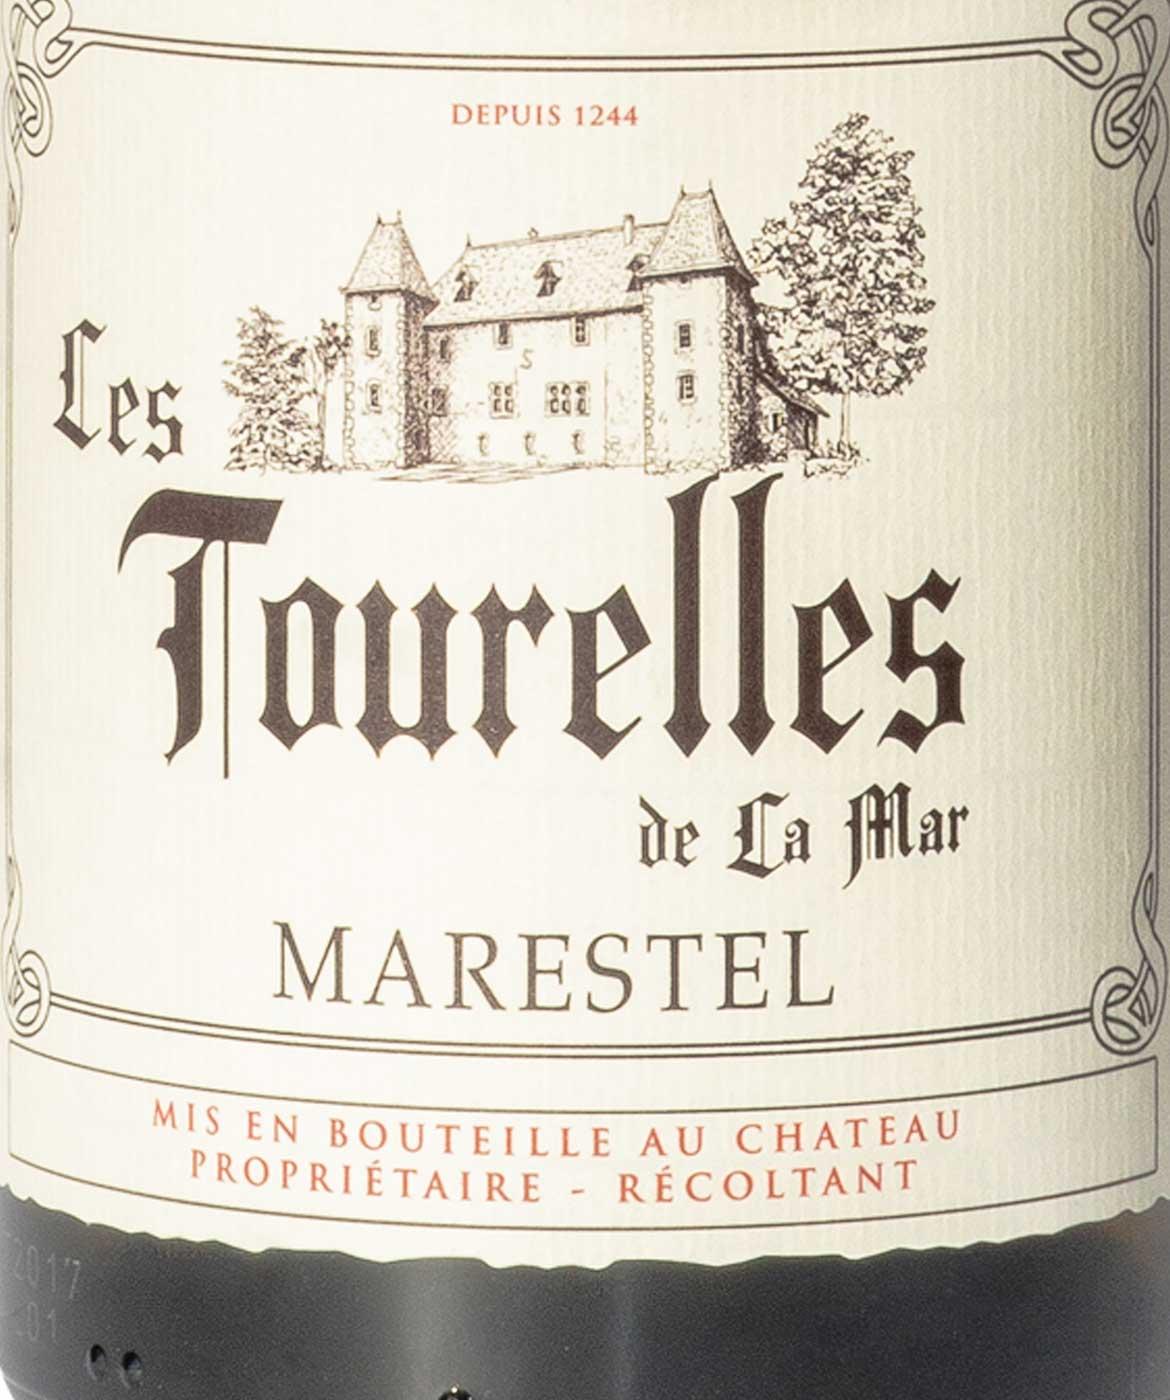 Marestel Les Trourelles - Etiquette vins blancs de savoie